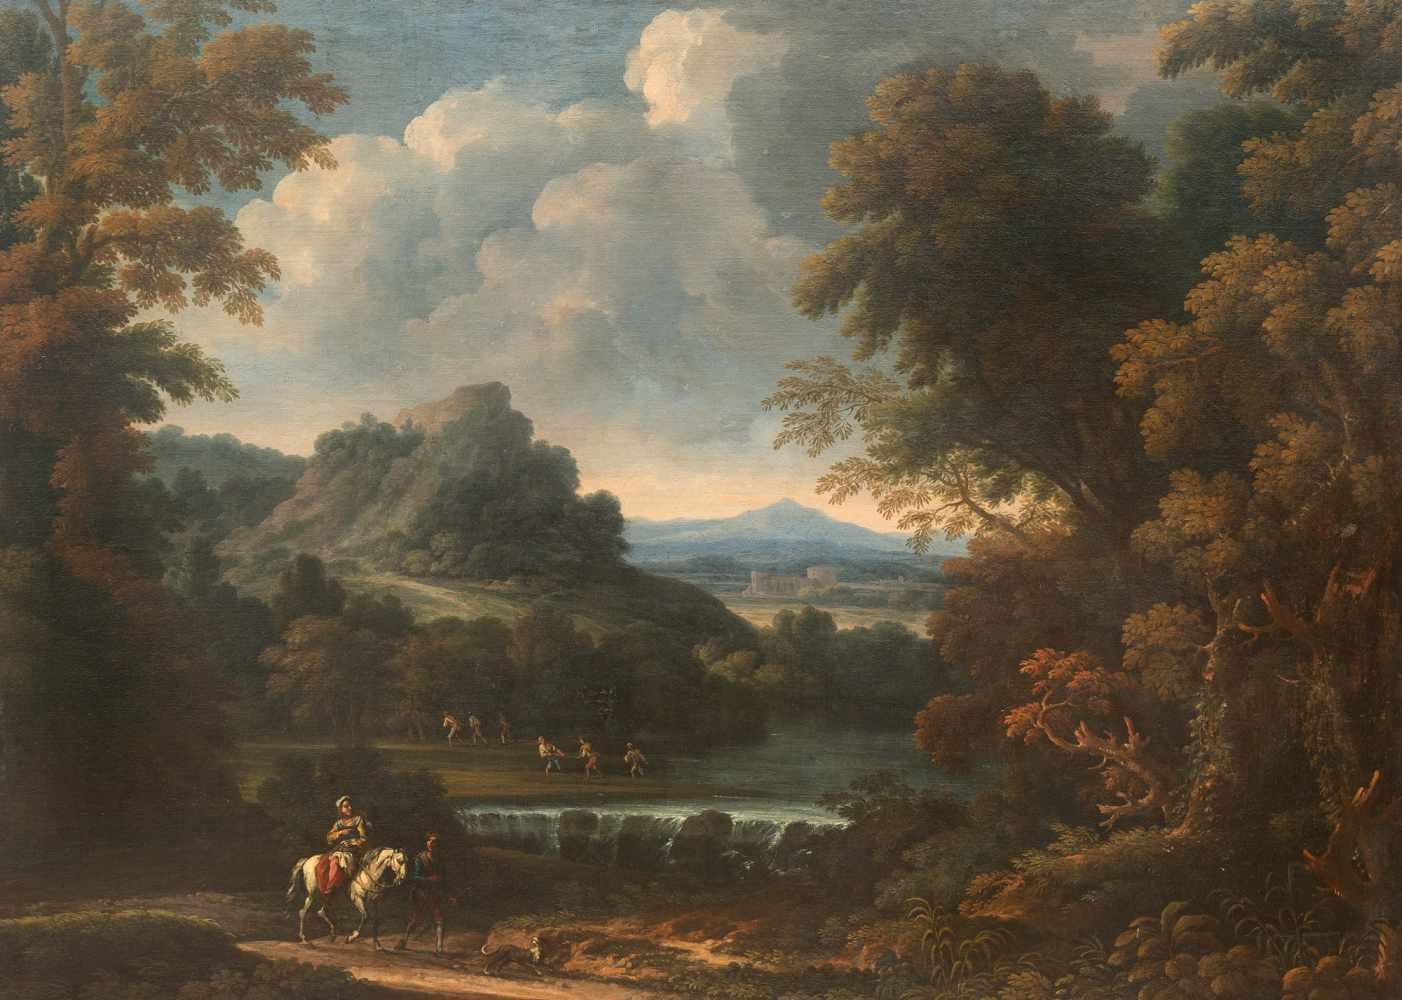 Rom, Um 1700Klassische LandschaftÖl auf Leinwand, doubliert. (Um 1680/1700). 124 x 172 cm.